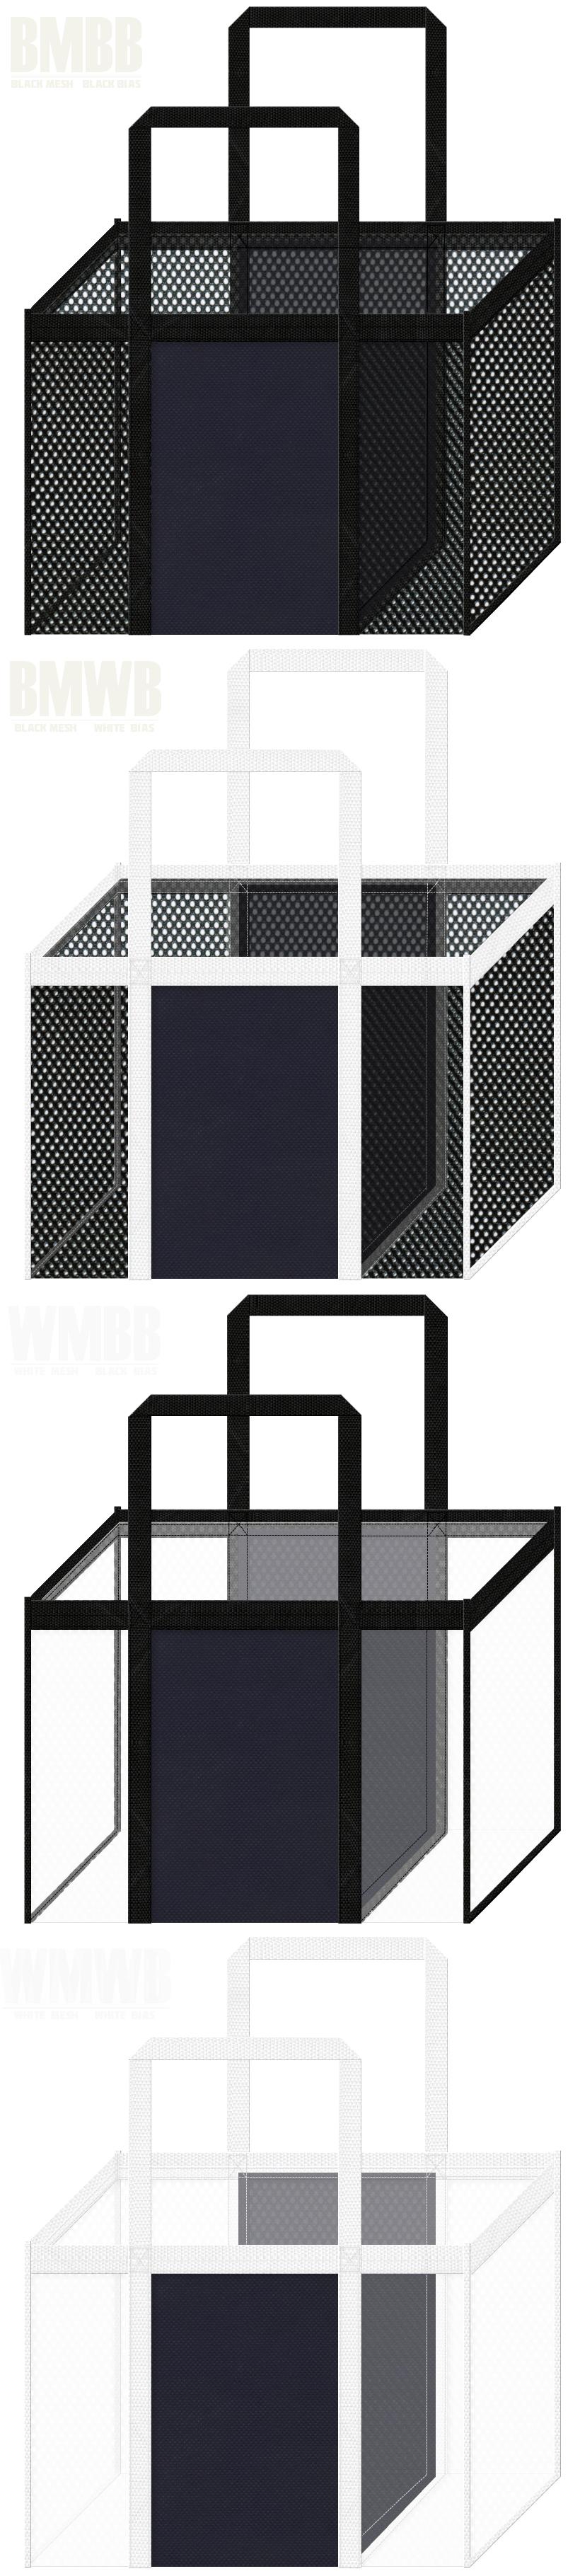 角型メッシュバッグのカラーシミュレーション:黒色・白色メッシュと濃紺色不織布の組み合わせ